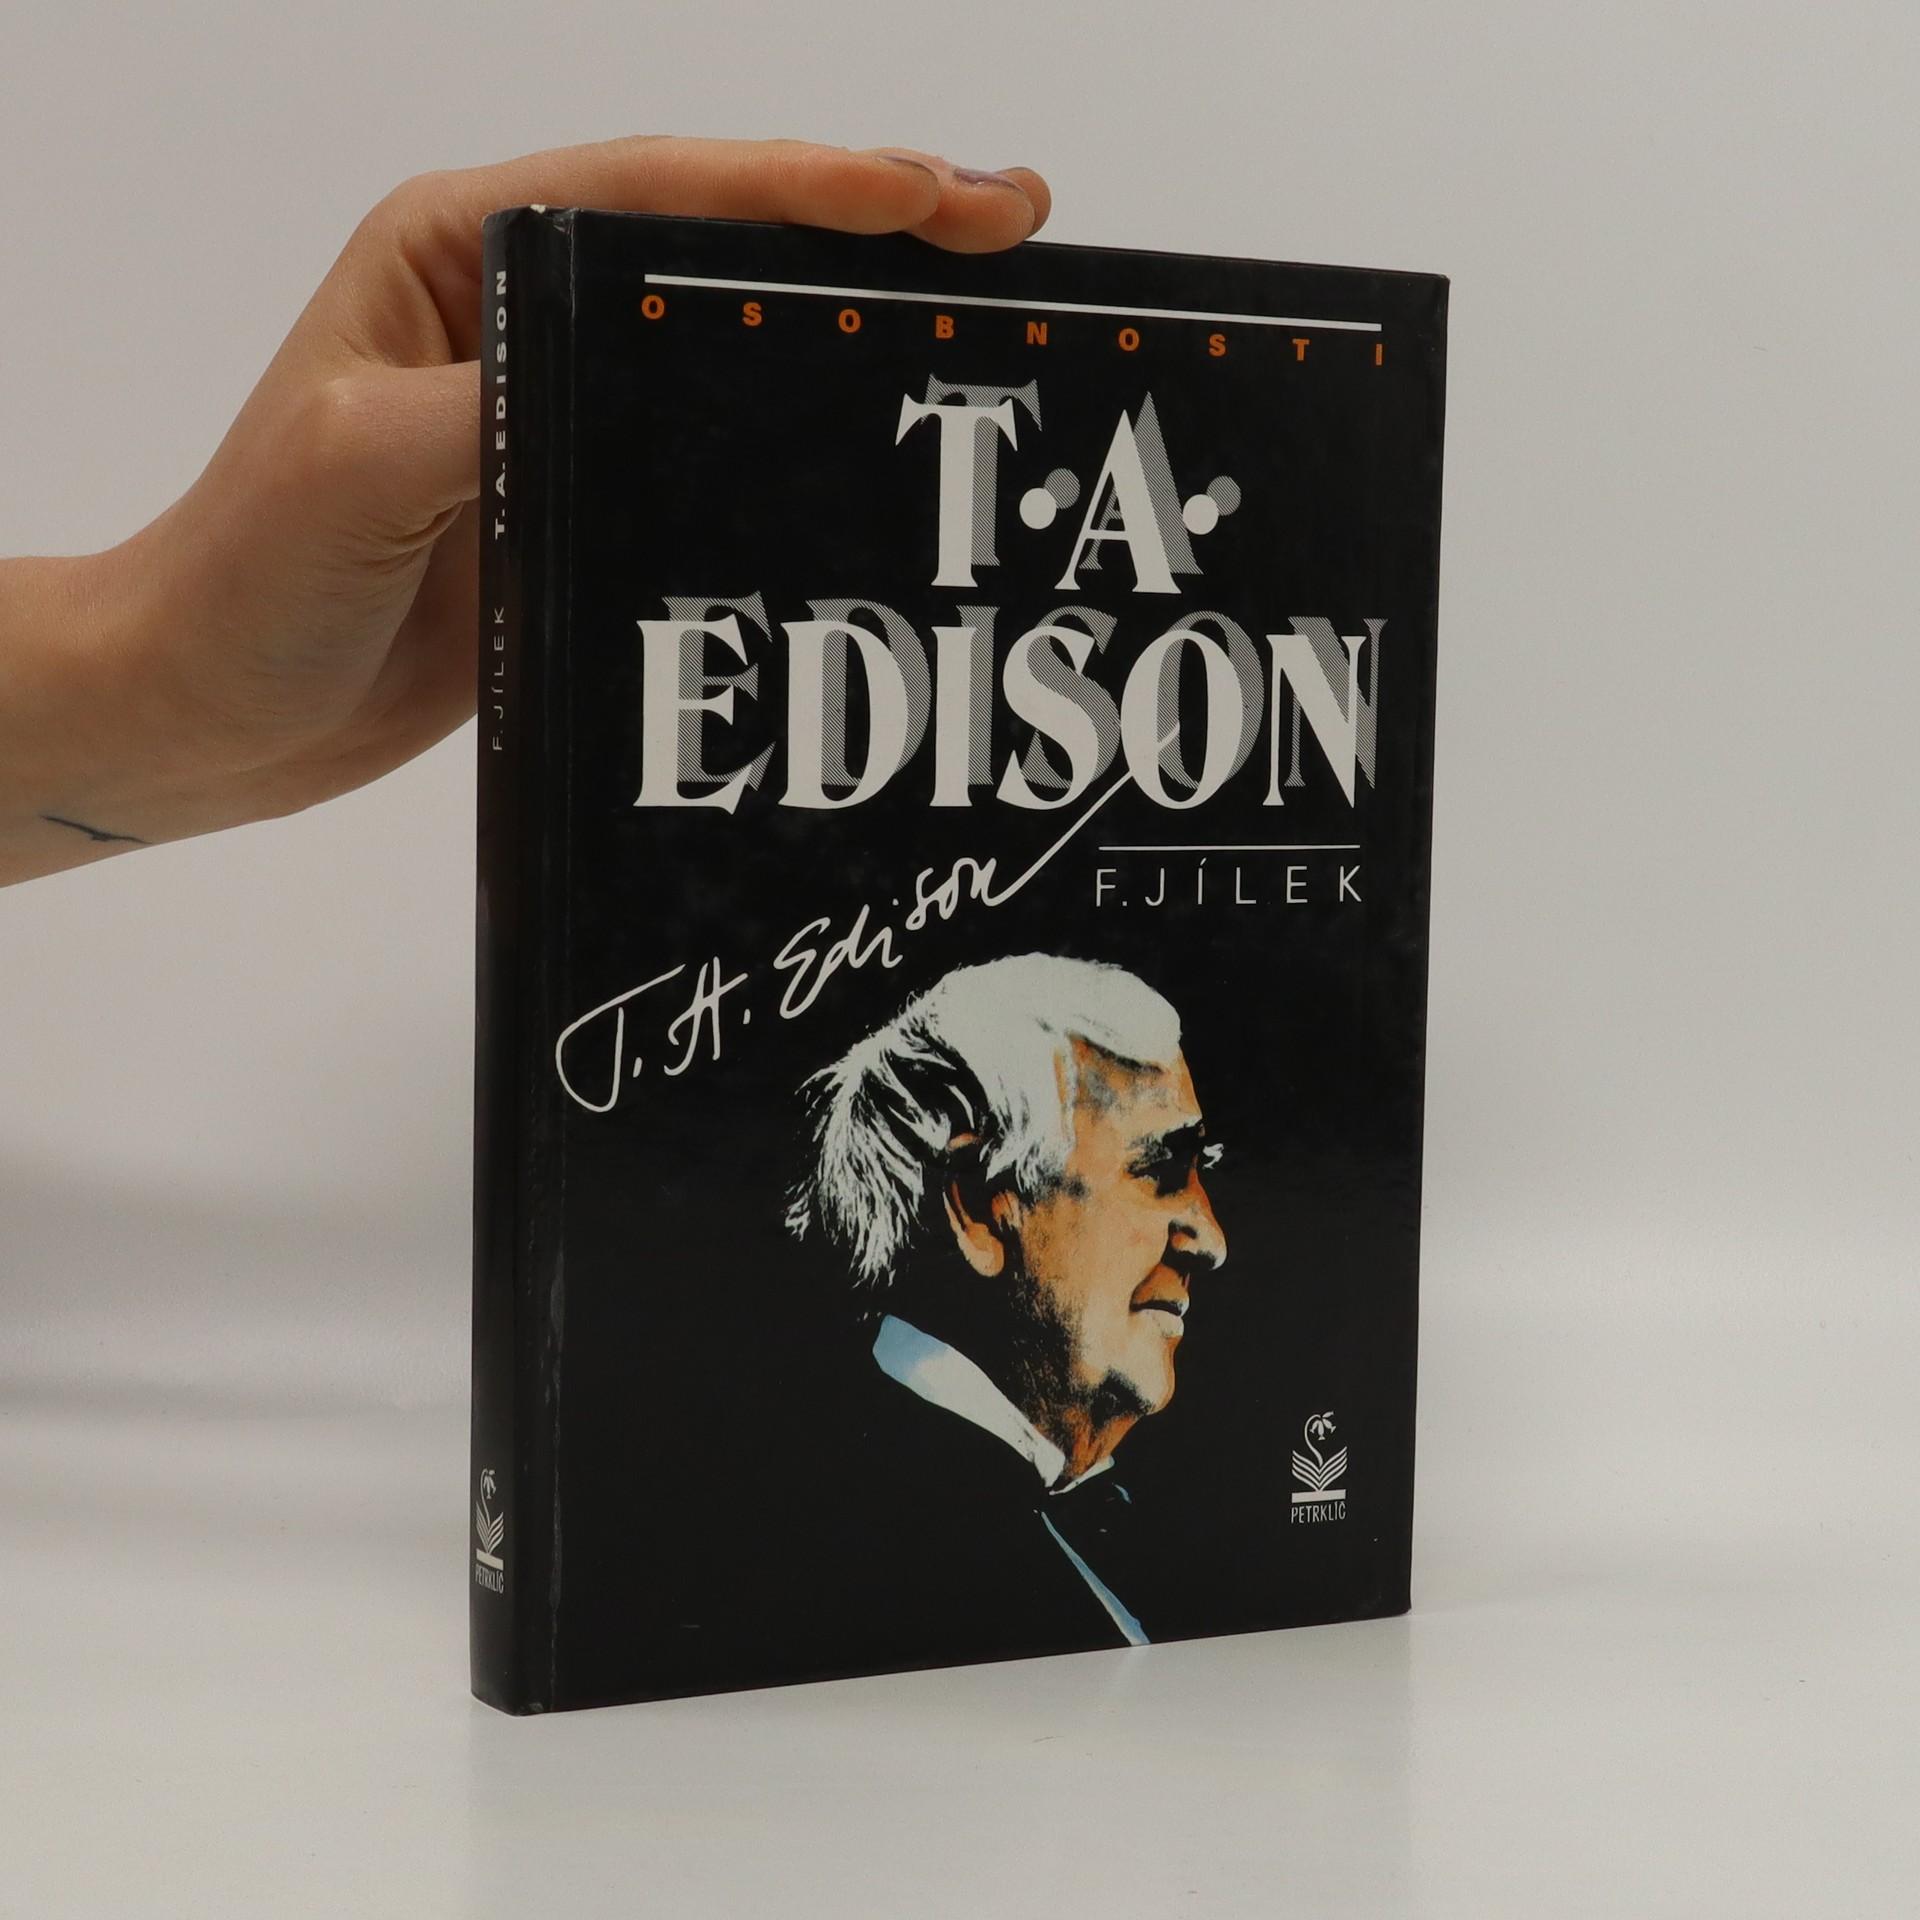 antikvární kniha T.A. Edison, 1995